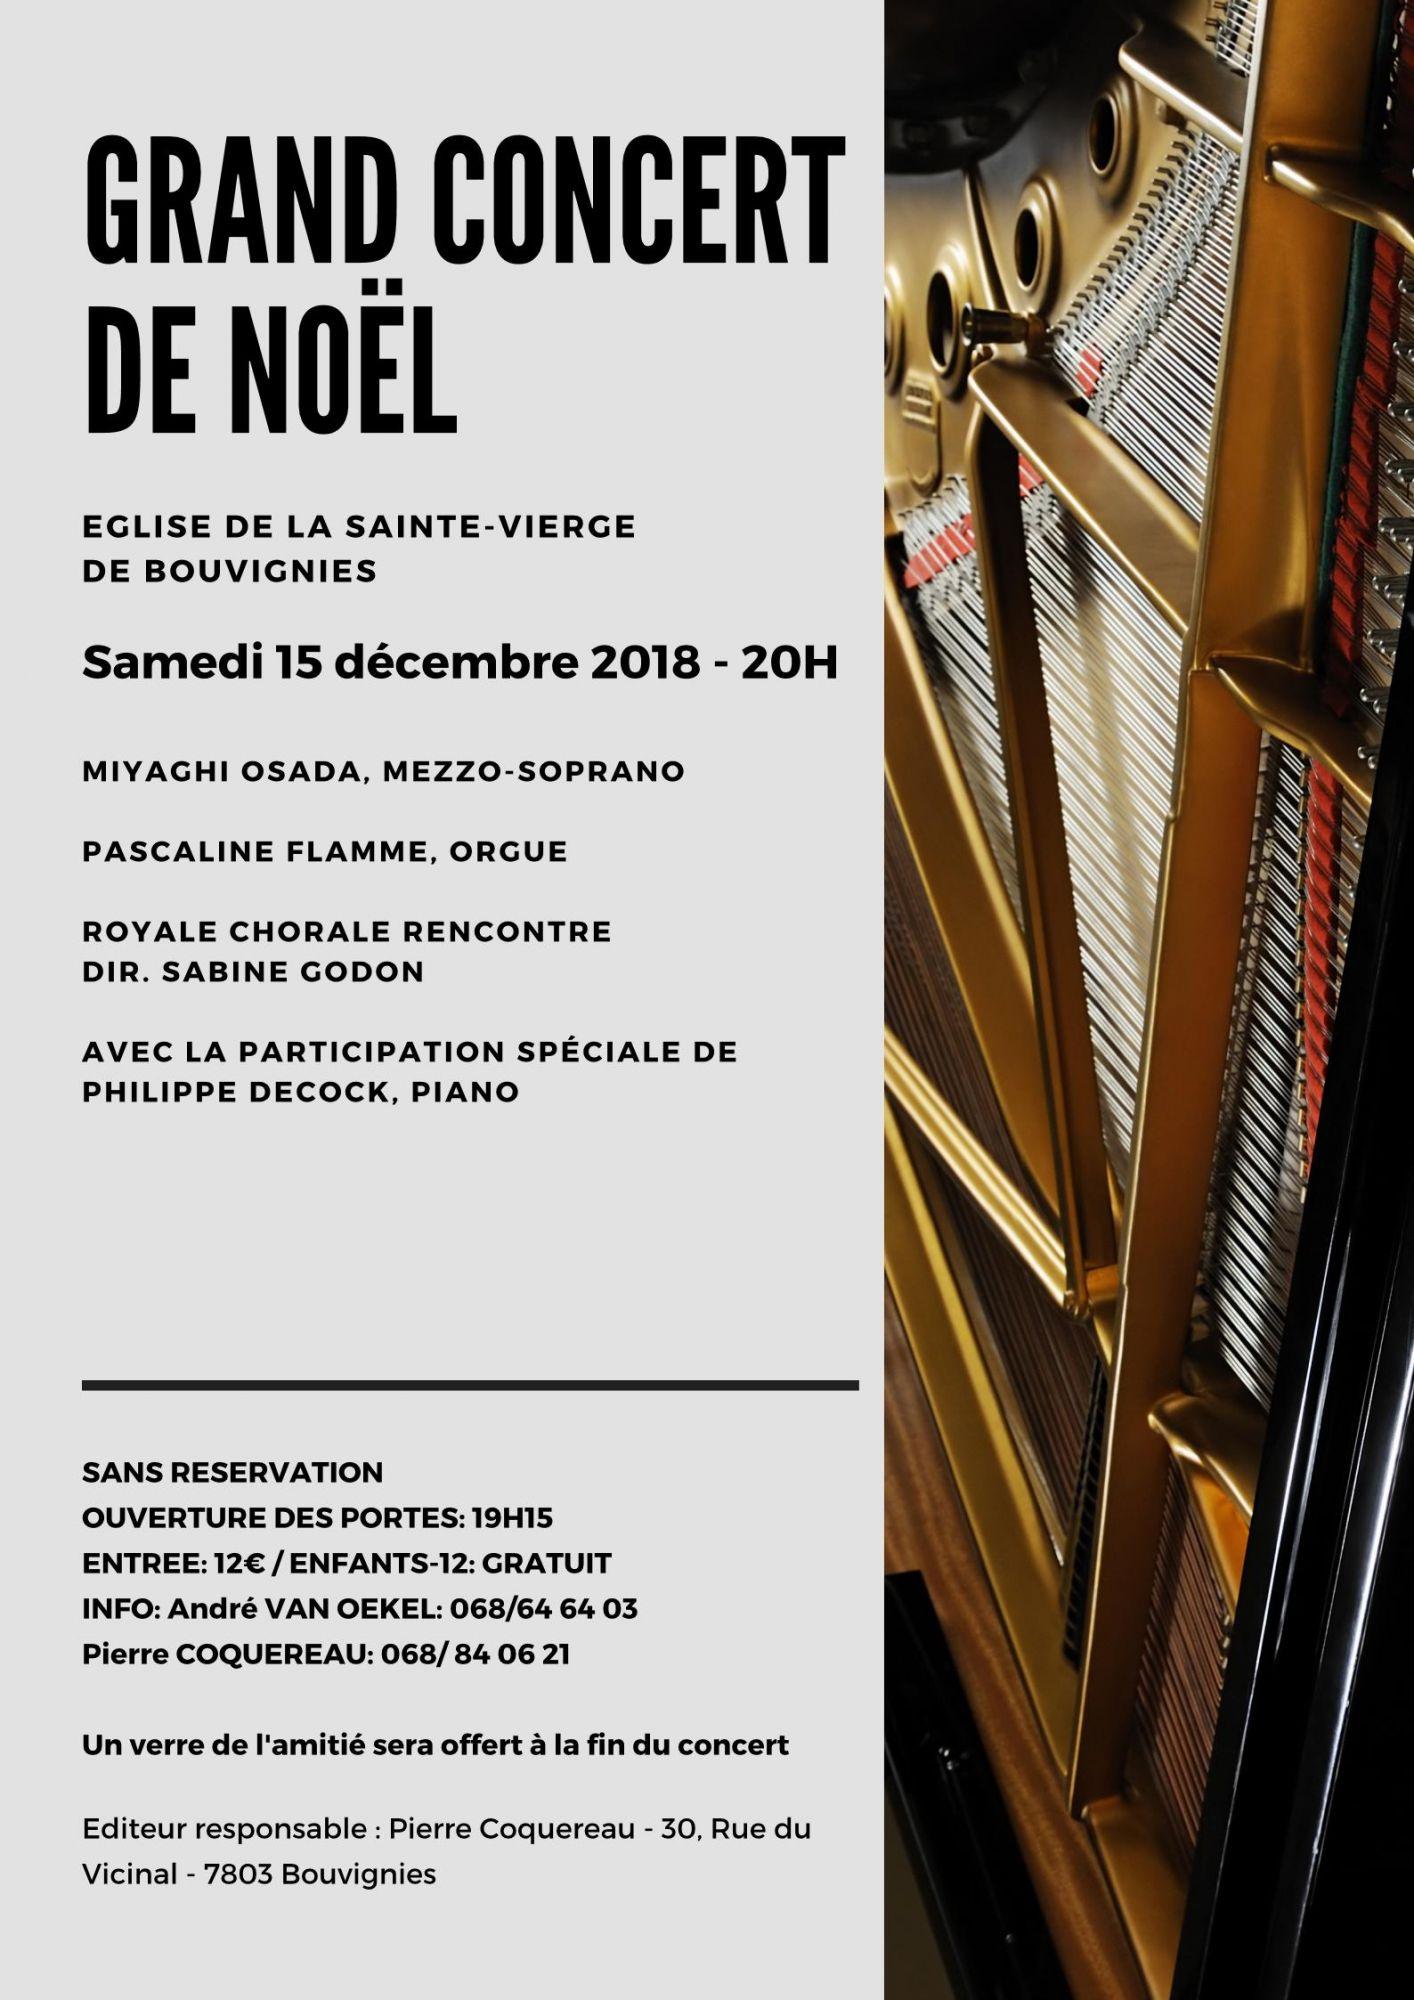 affiche-concert-de-noel-2018_page_1